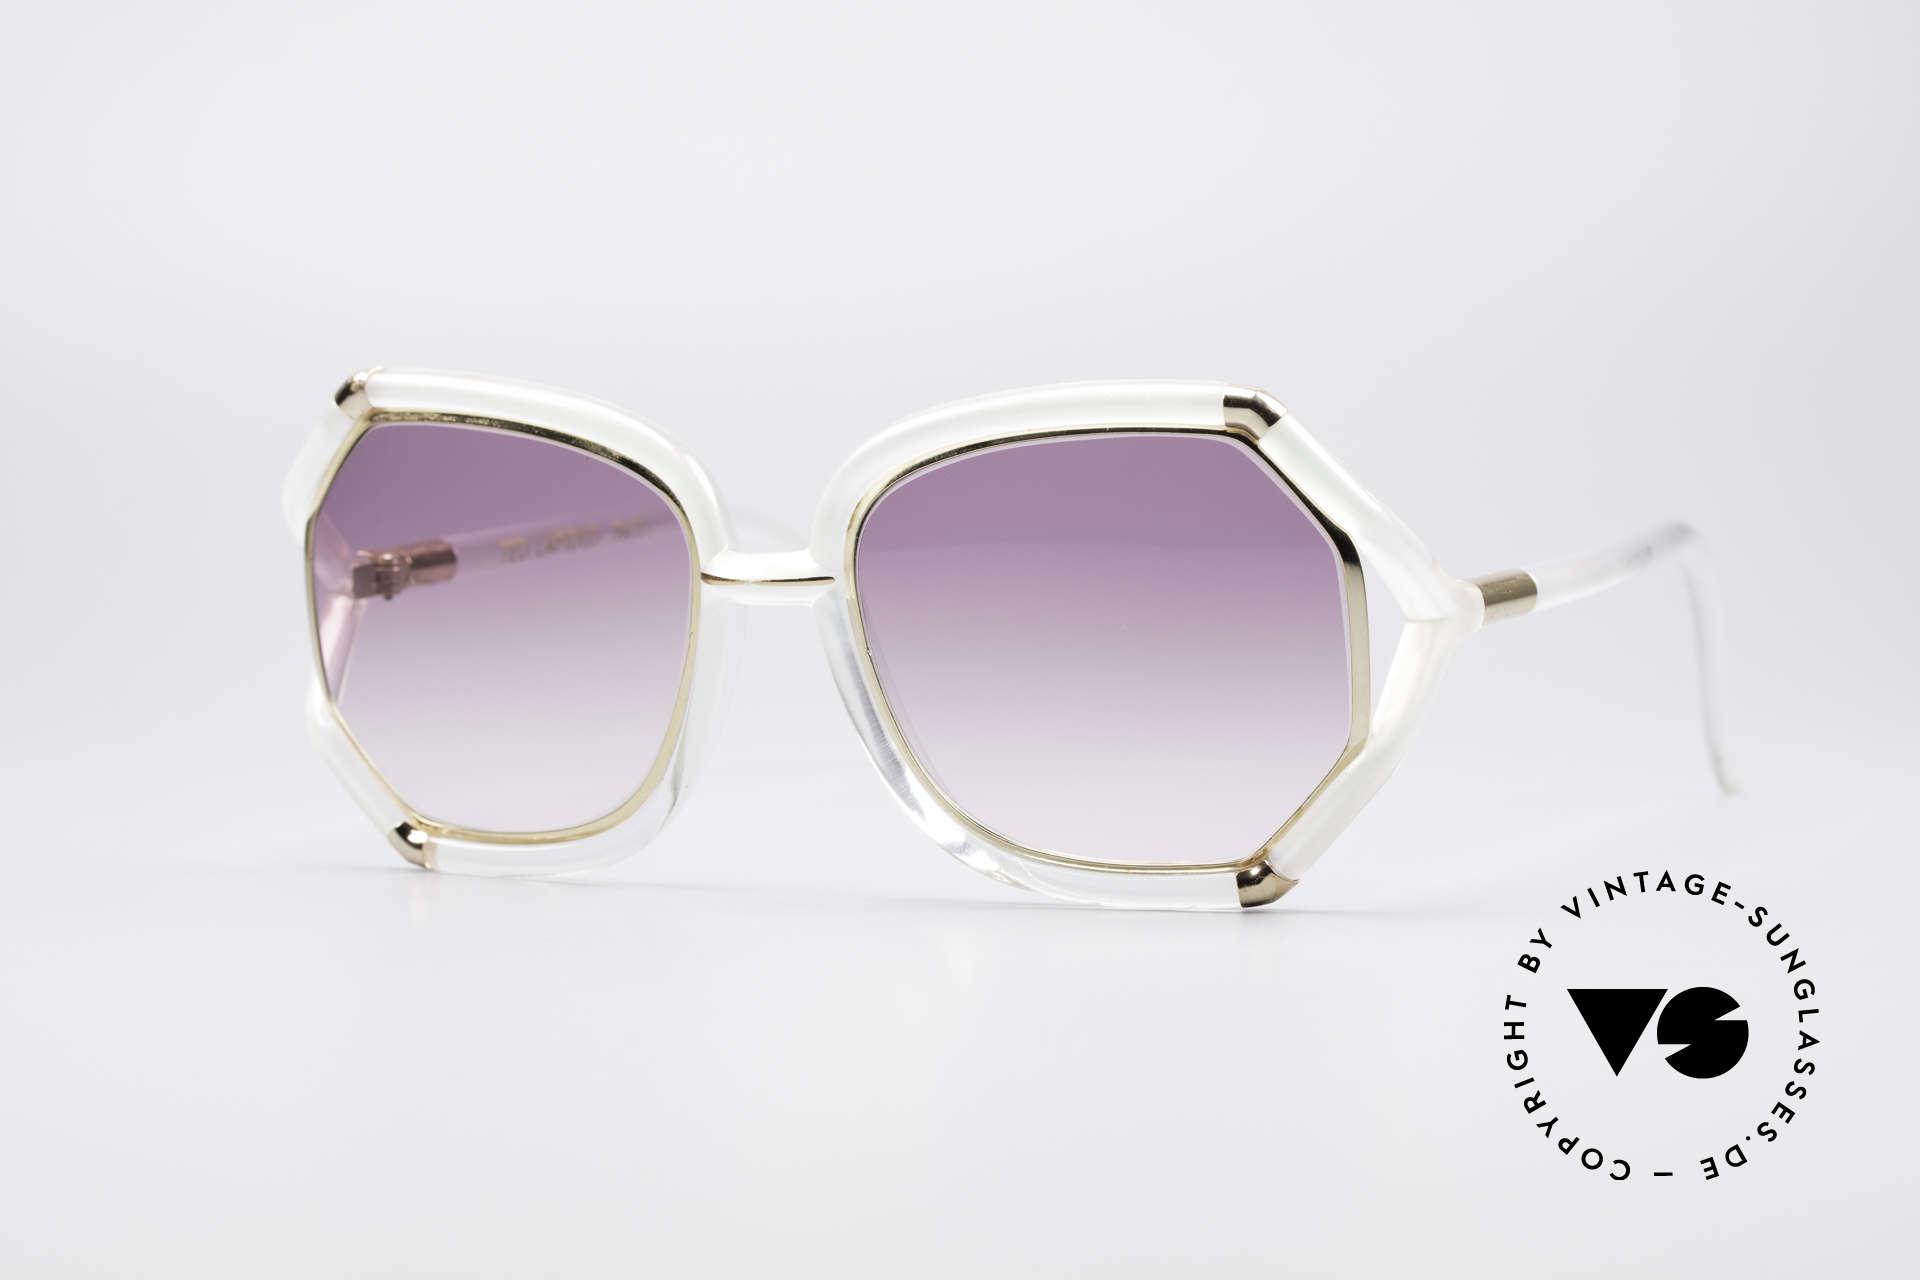 Ted Lapidus B08 70's Designer Sunglasses, lovely vintage sunglasses by Ted Lapidus of the 70's, Made for Women